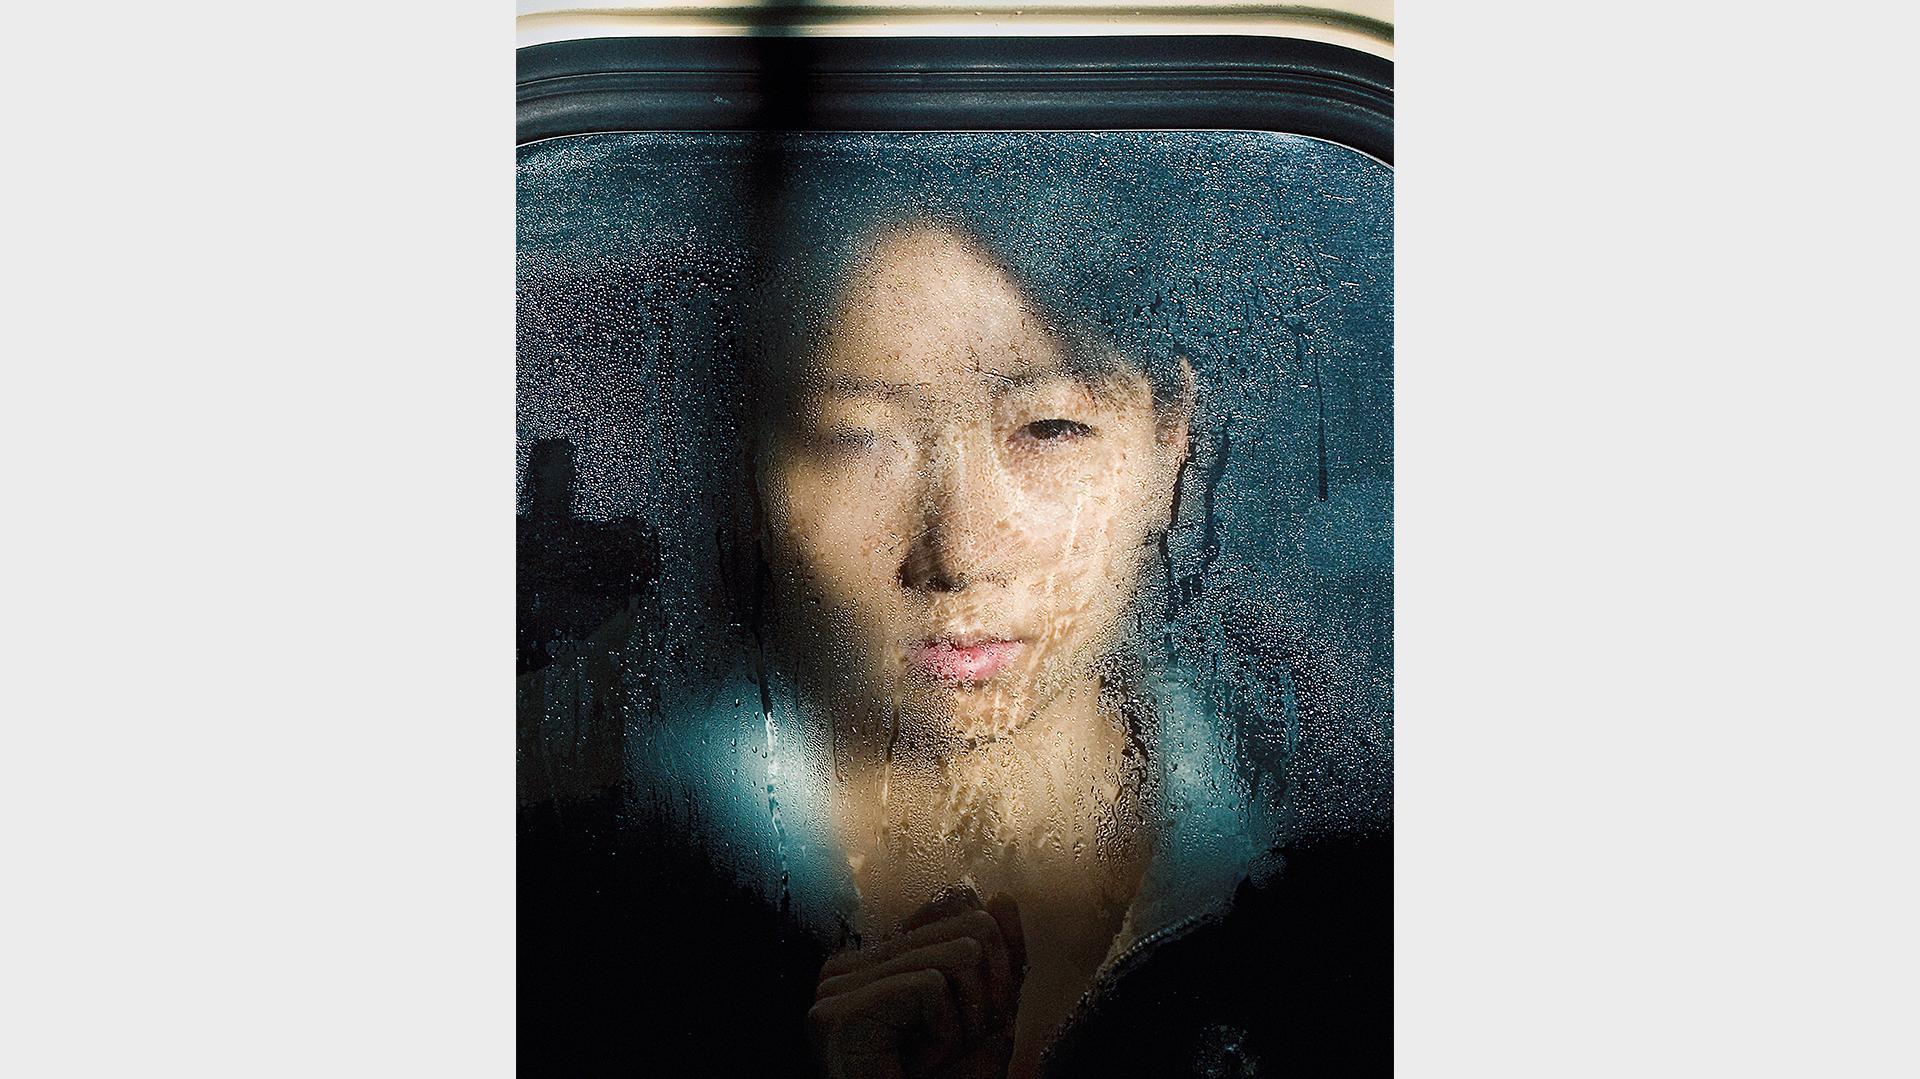 Eine junge Chinesen hinter einer beschlagenen Glasscheibe eines Zuges in Tokyo, mit der rechten Hand wischt sie leicht durch das Kondenswasser an der Scheibe.